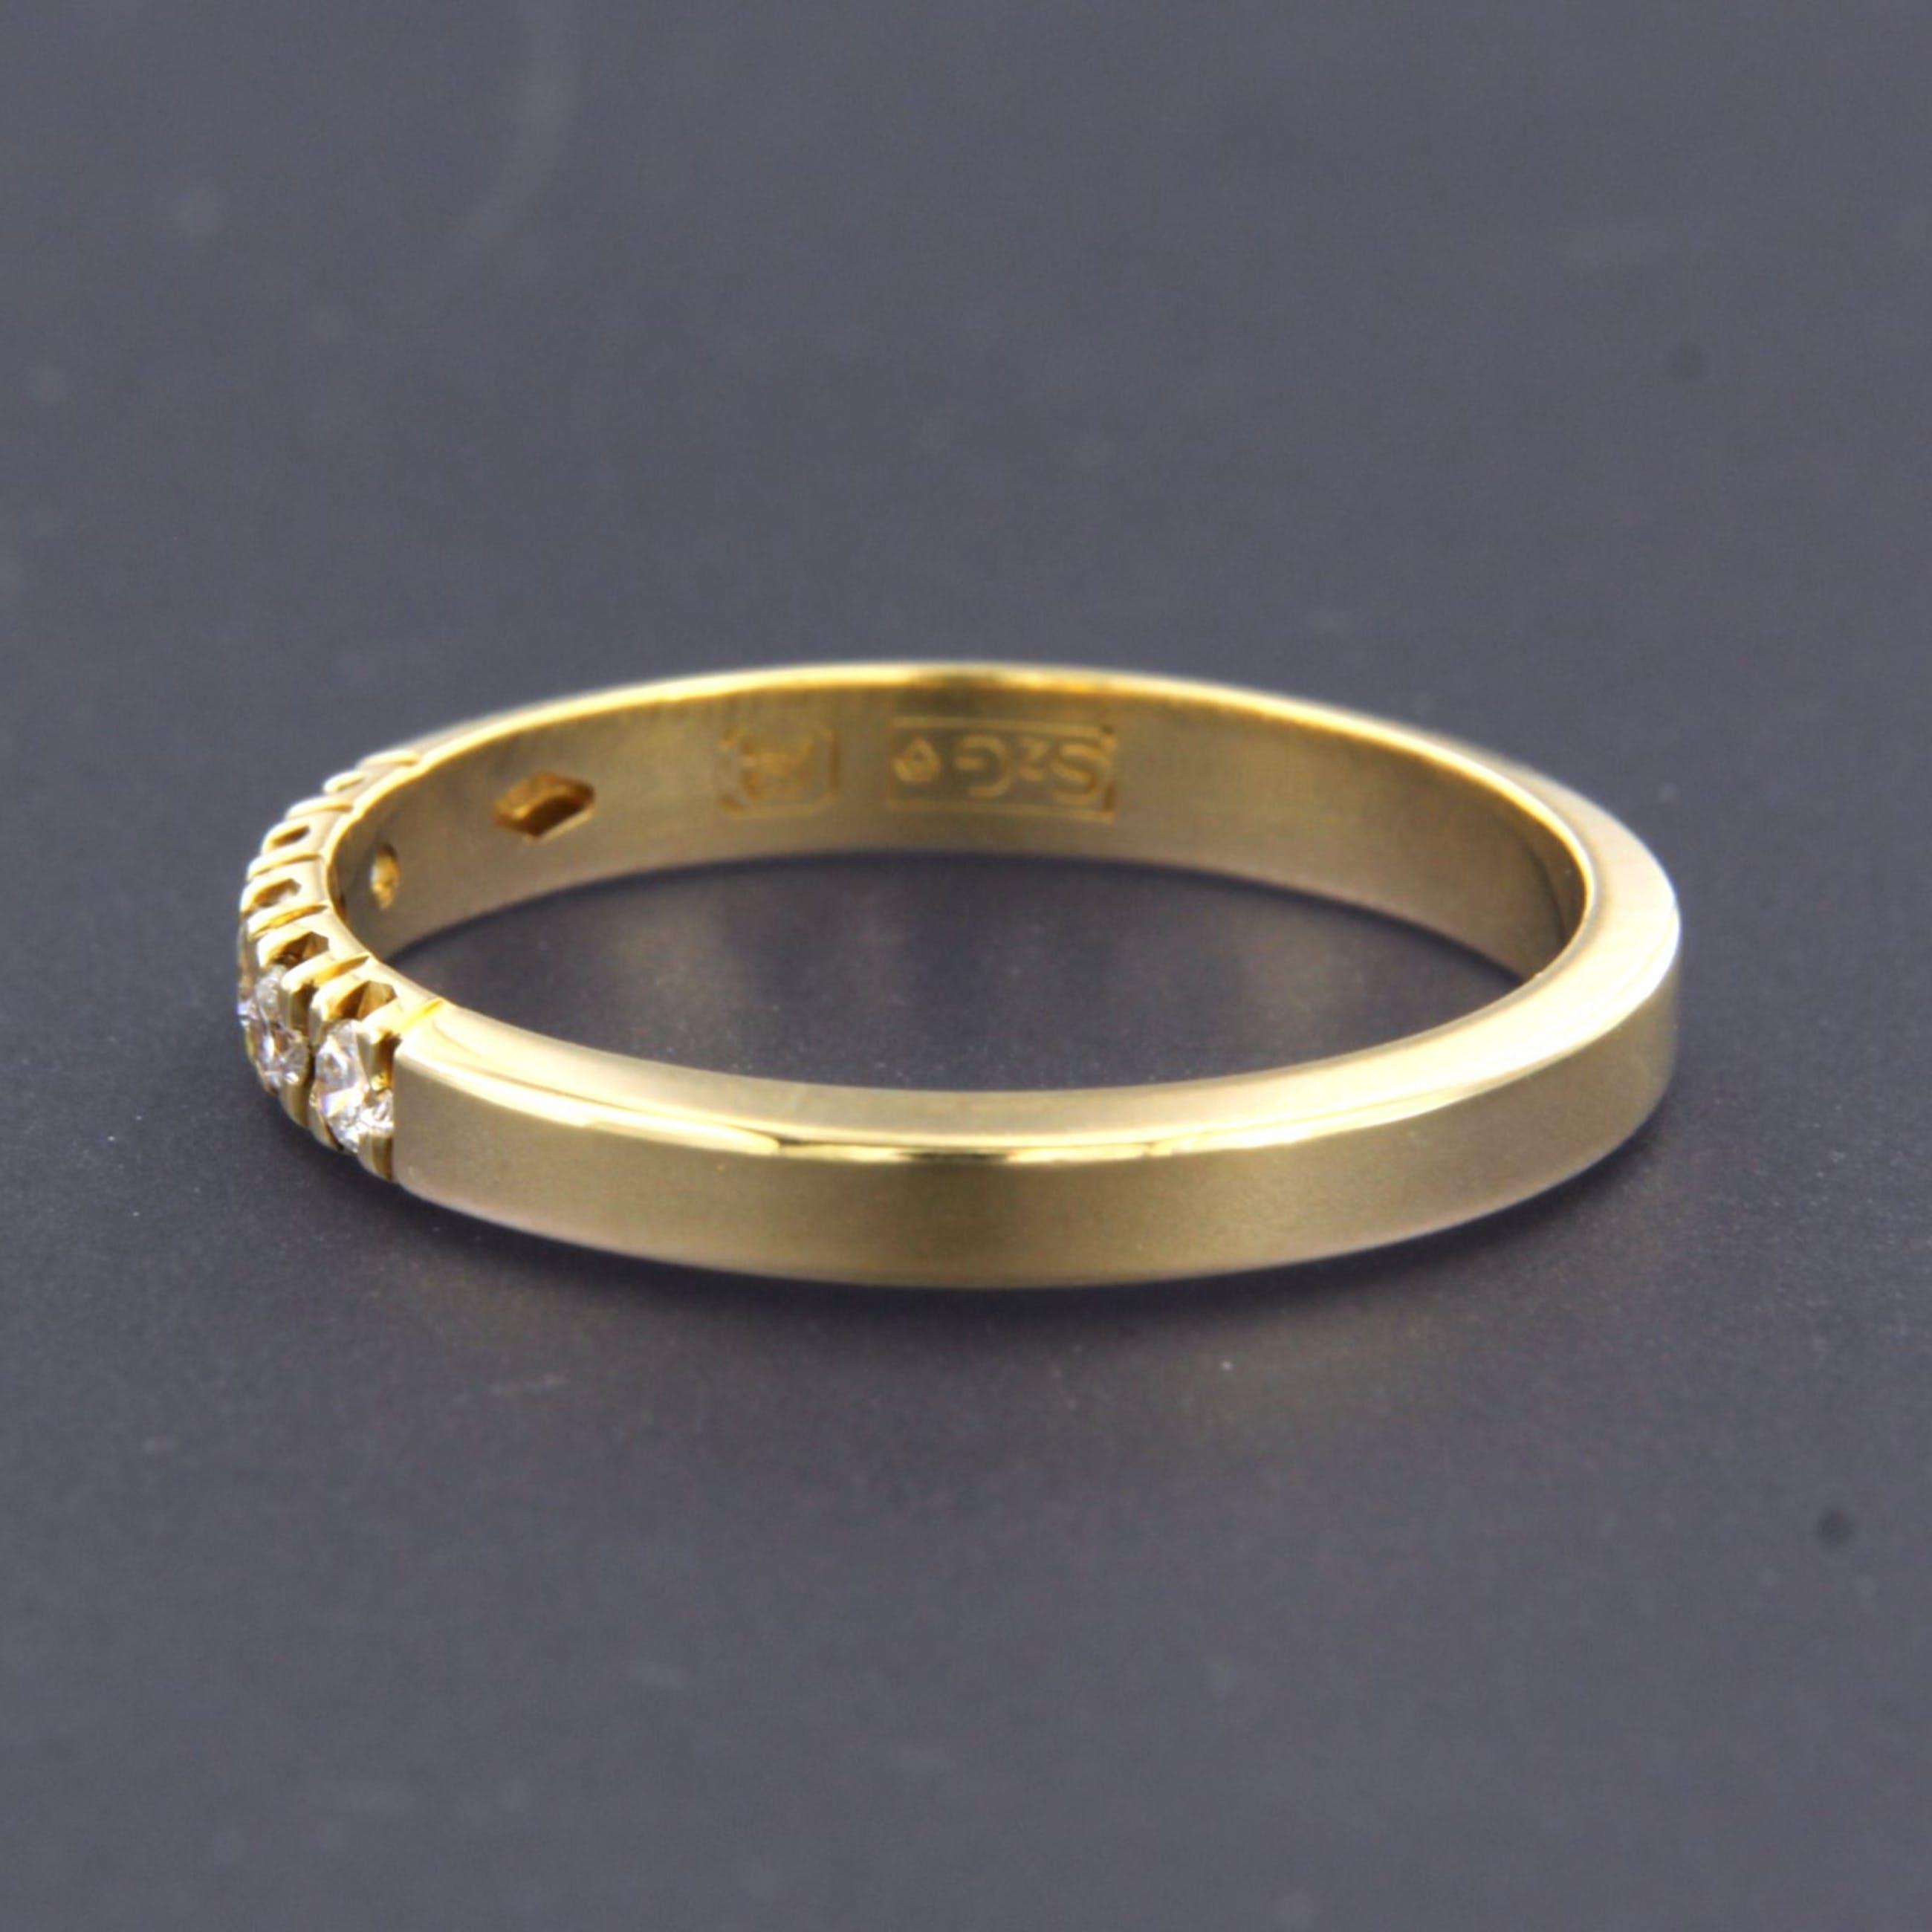 18K Goud - rijring bezet met briljant geslepen diamant totaal circa 0.15 ct, ringmaat 18 kopen? Bied vanaf 240!